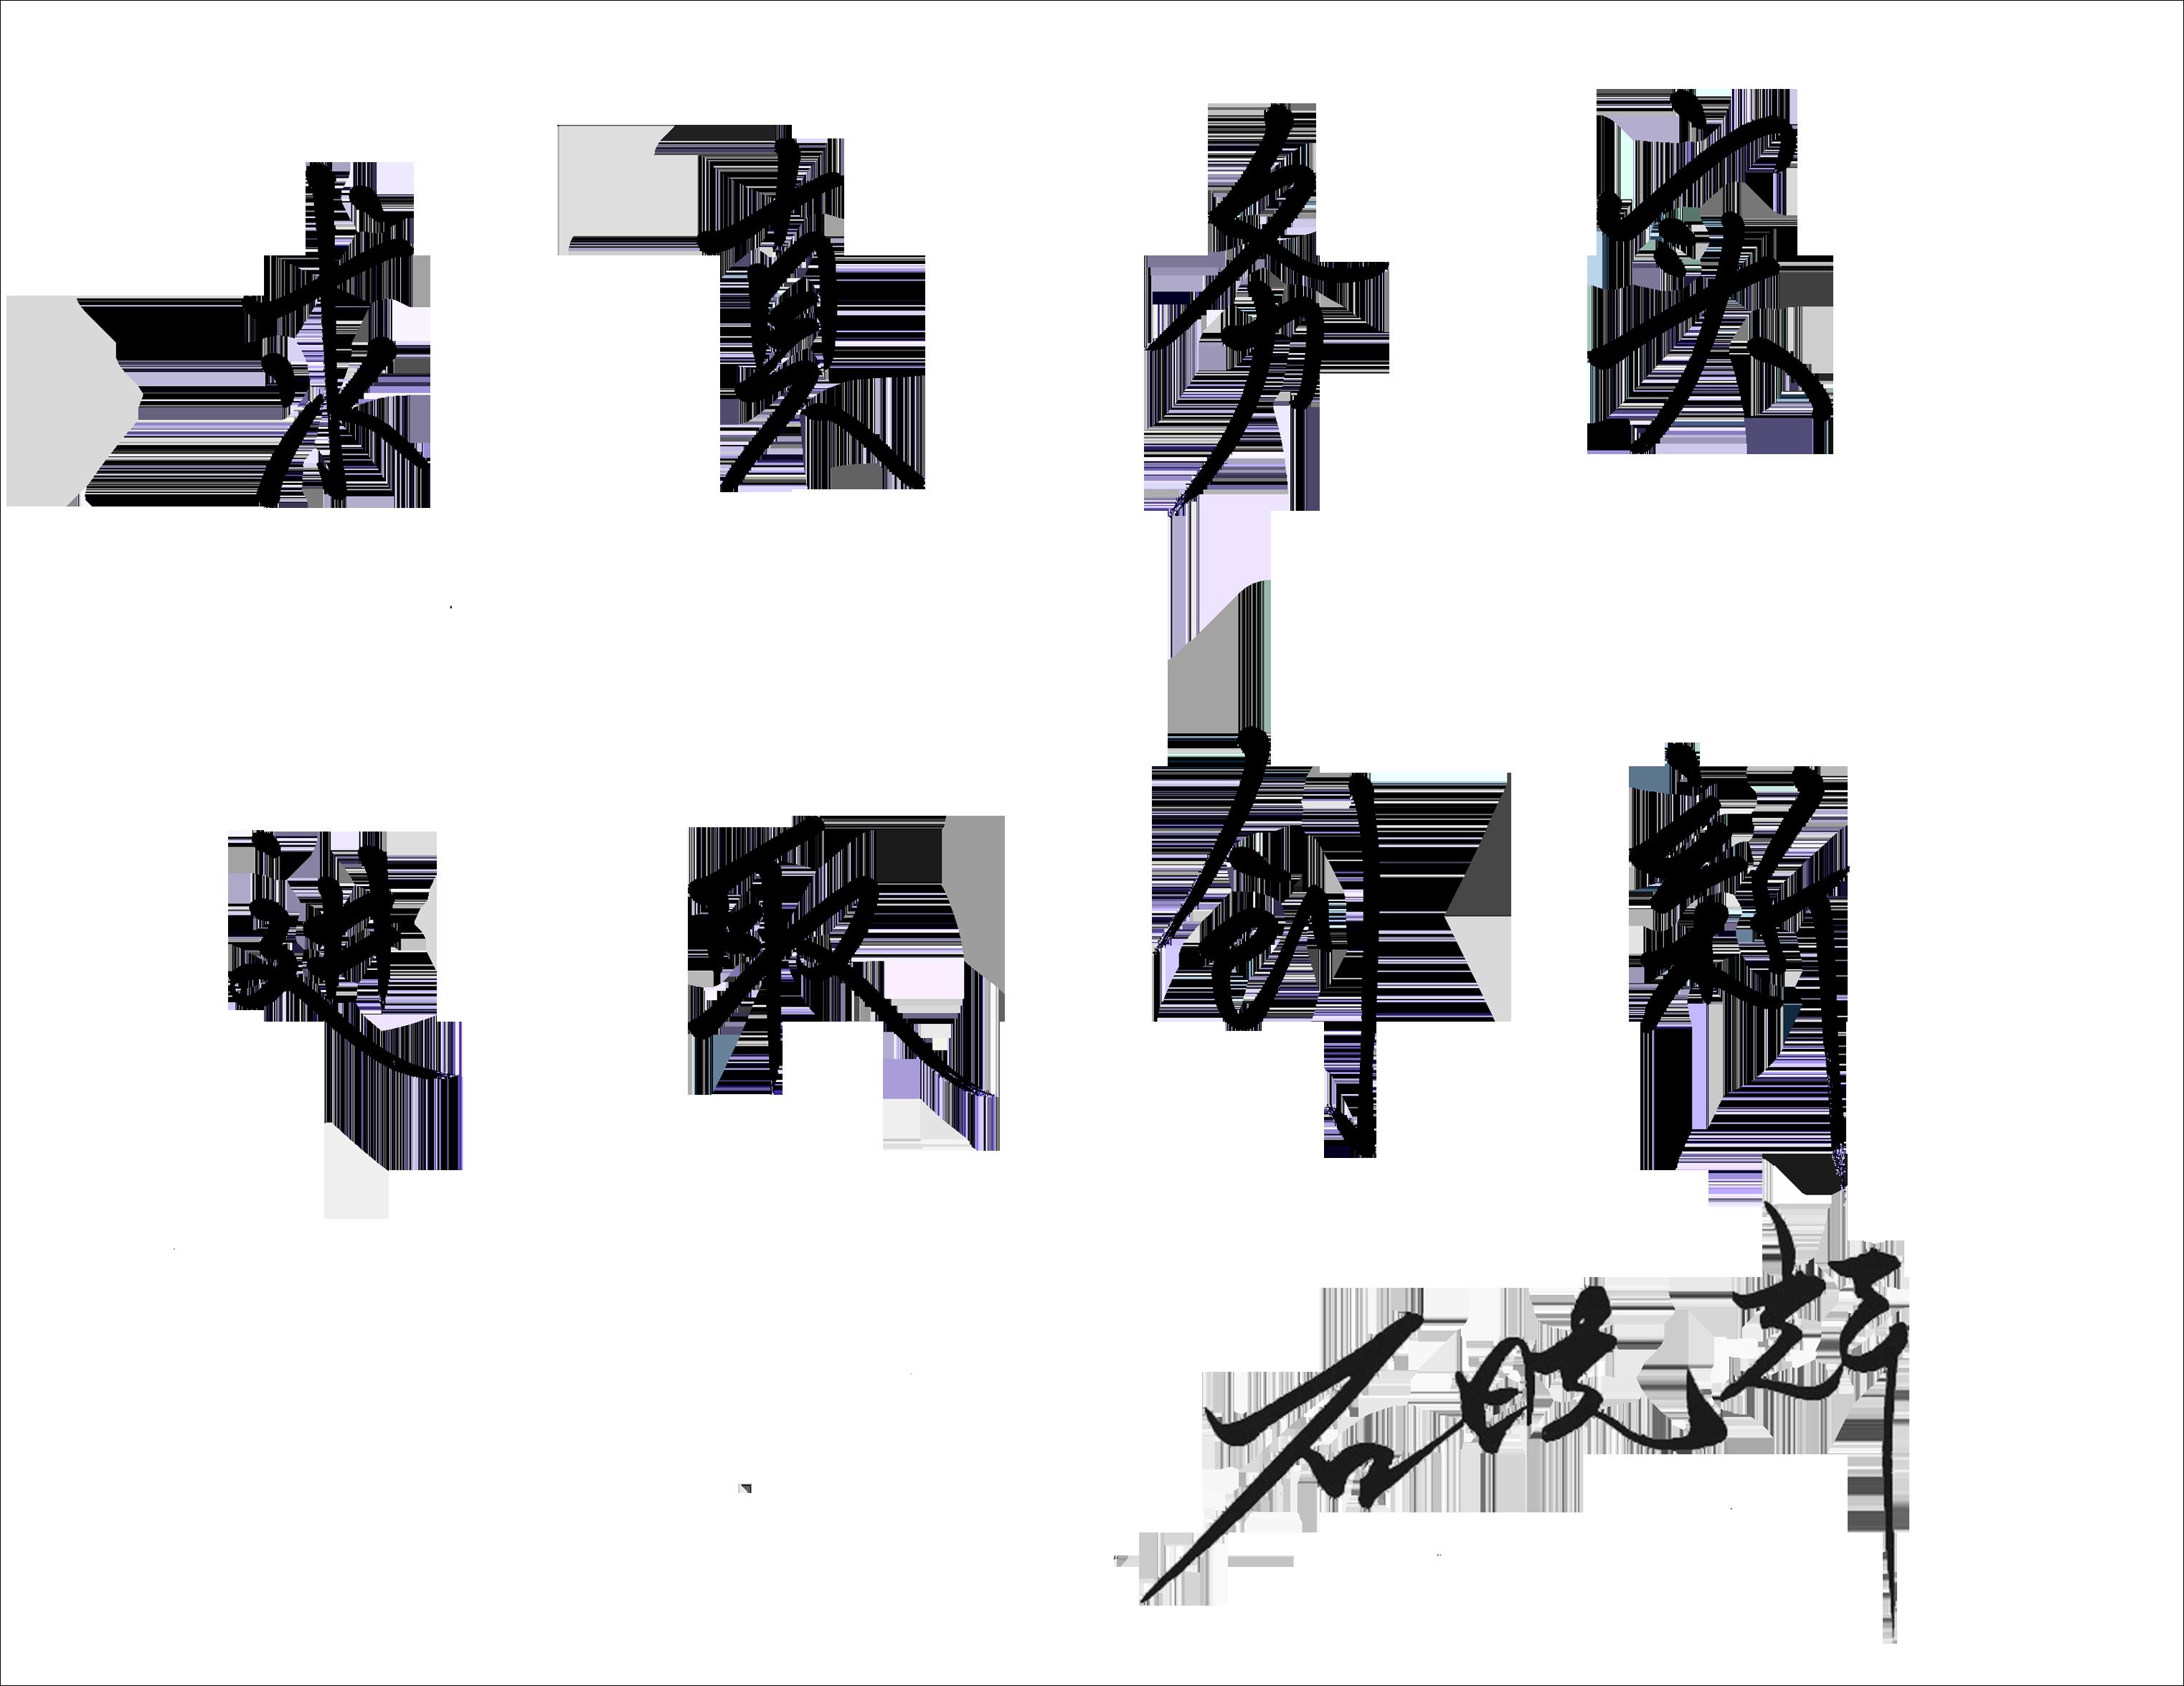 梦想不散场铭刻与重理工有关的独家记忆-重庆理工大学校报电子版